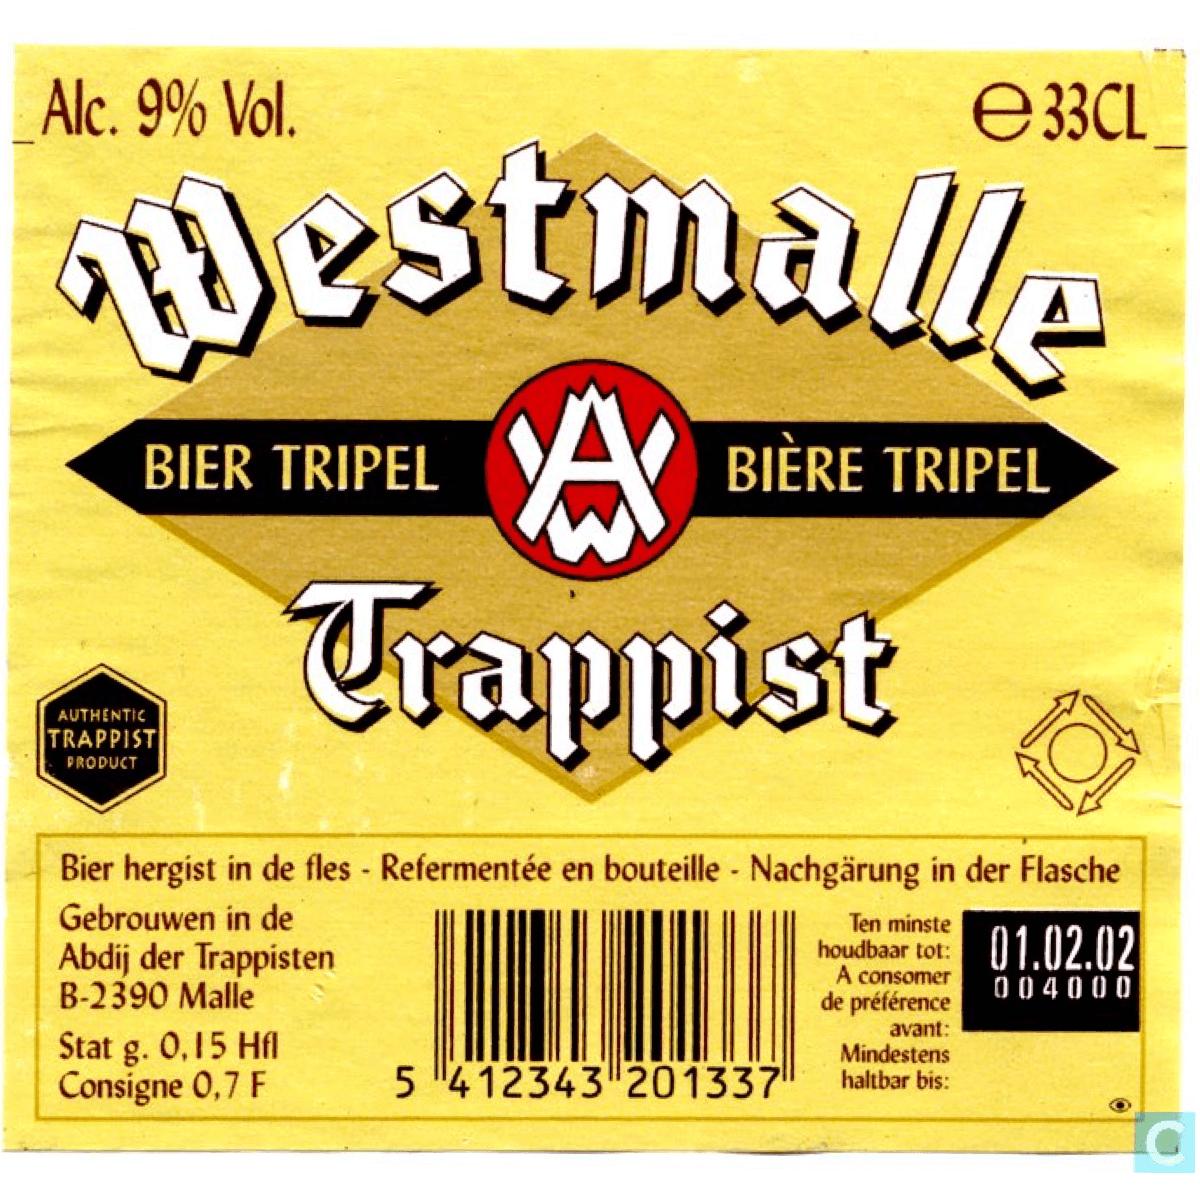 Le logo «Authentic Trappist Product» présent sur l'étiquette de la Westmalle Tripel atteste que la bière est bien brassée sous le contrôle des moines dans leur abbaye